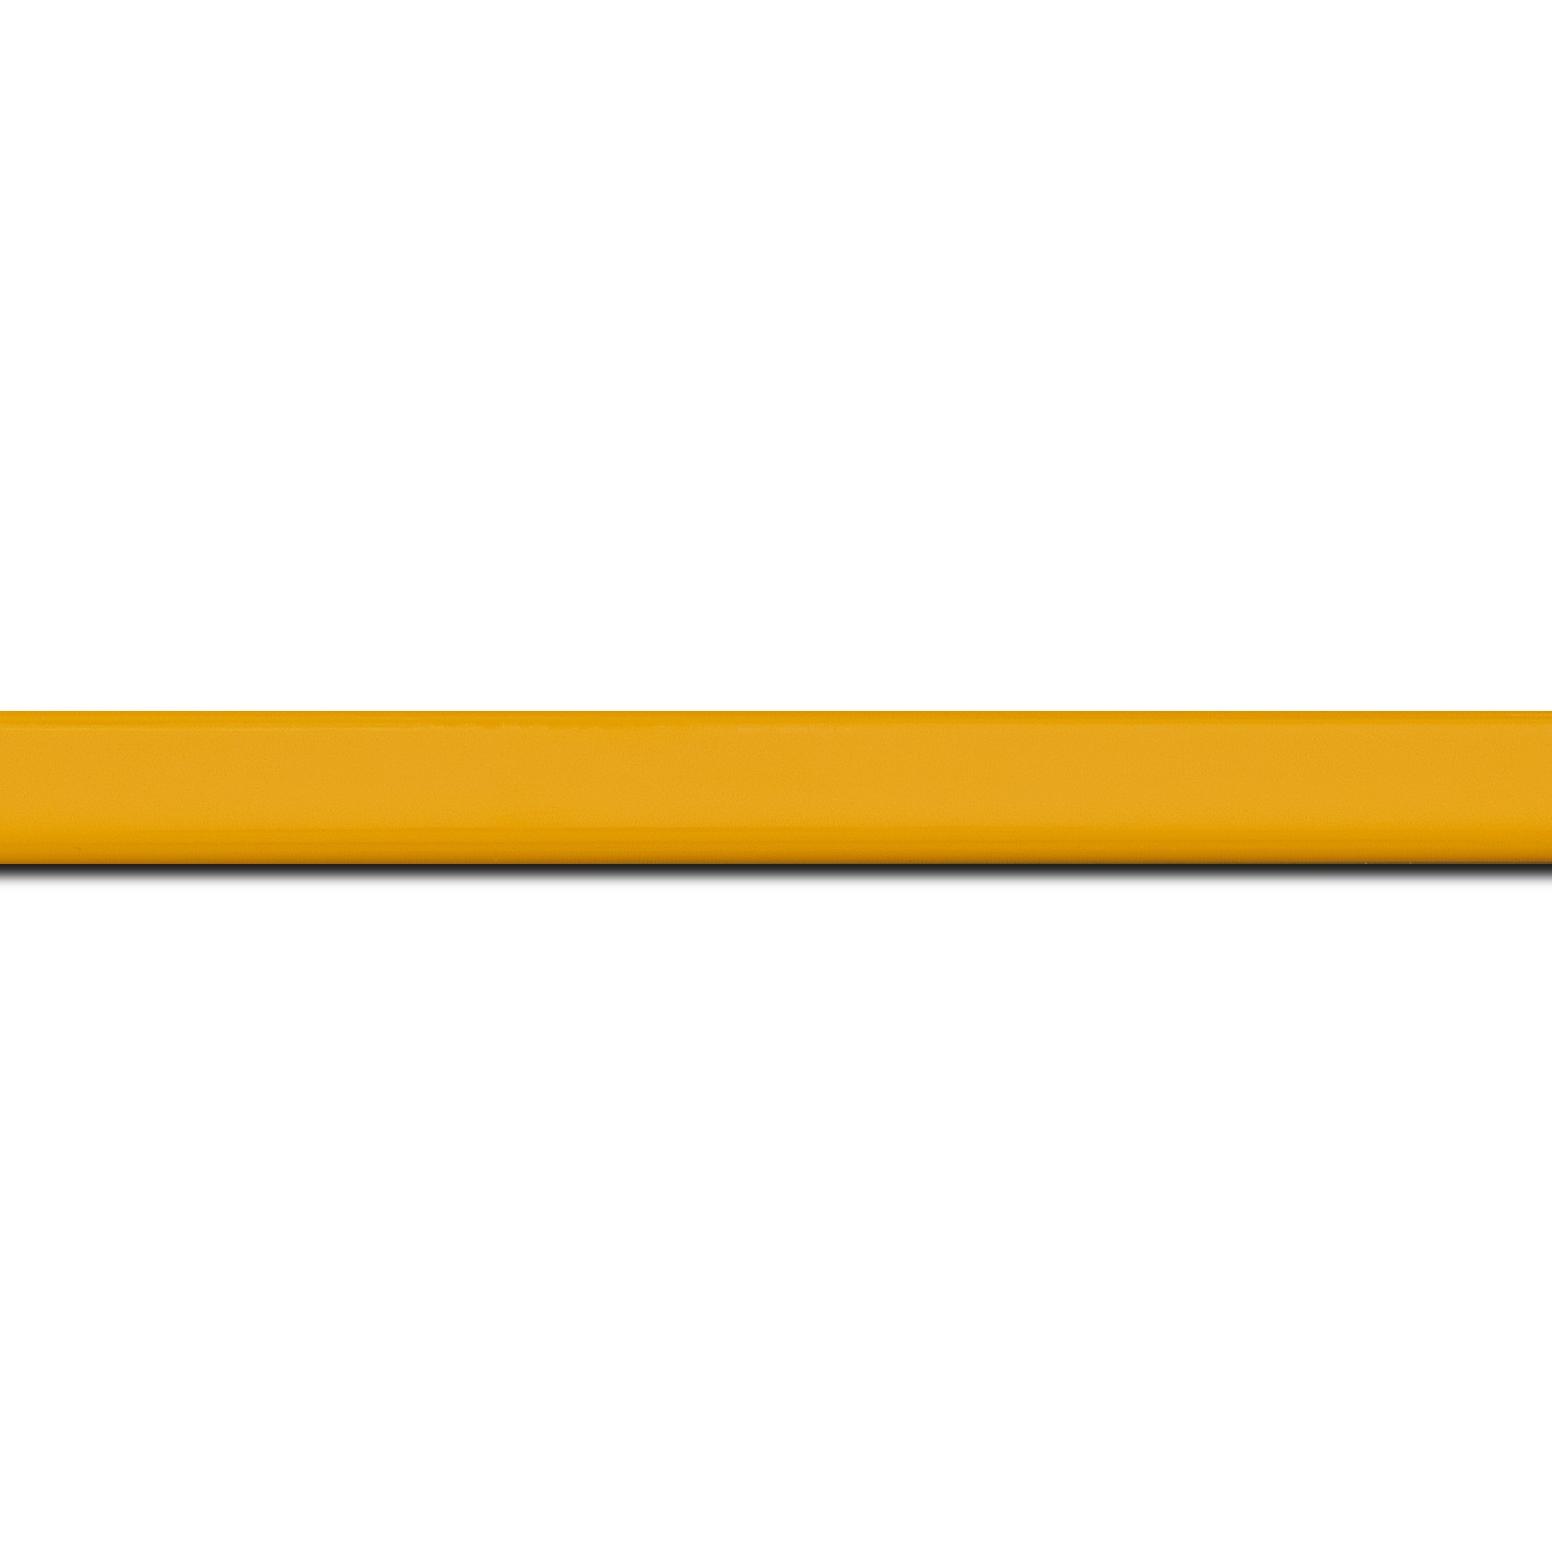 Baguette longueur 1.40m bois profil méplat largeur 1.4cm couleur jaune laqué